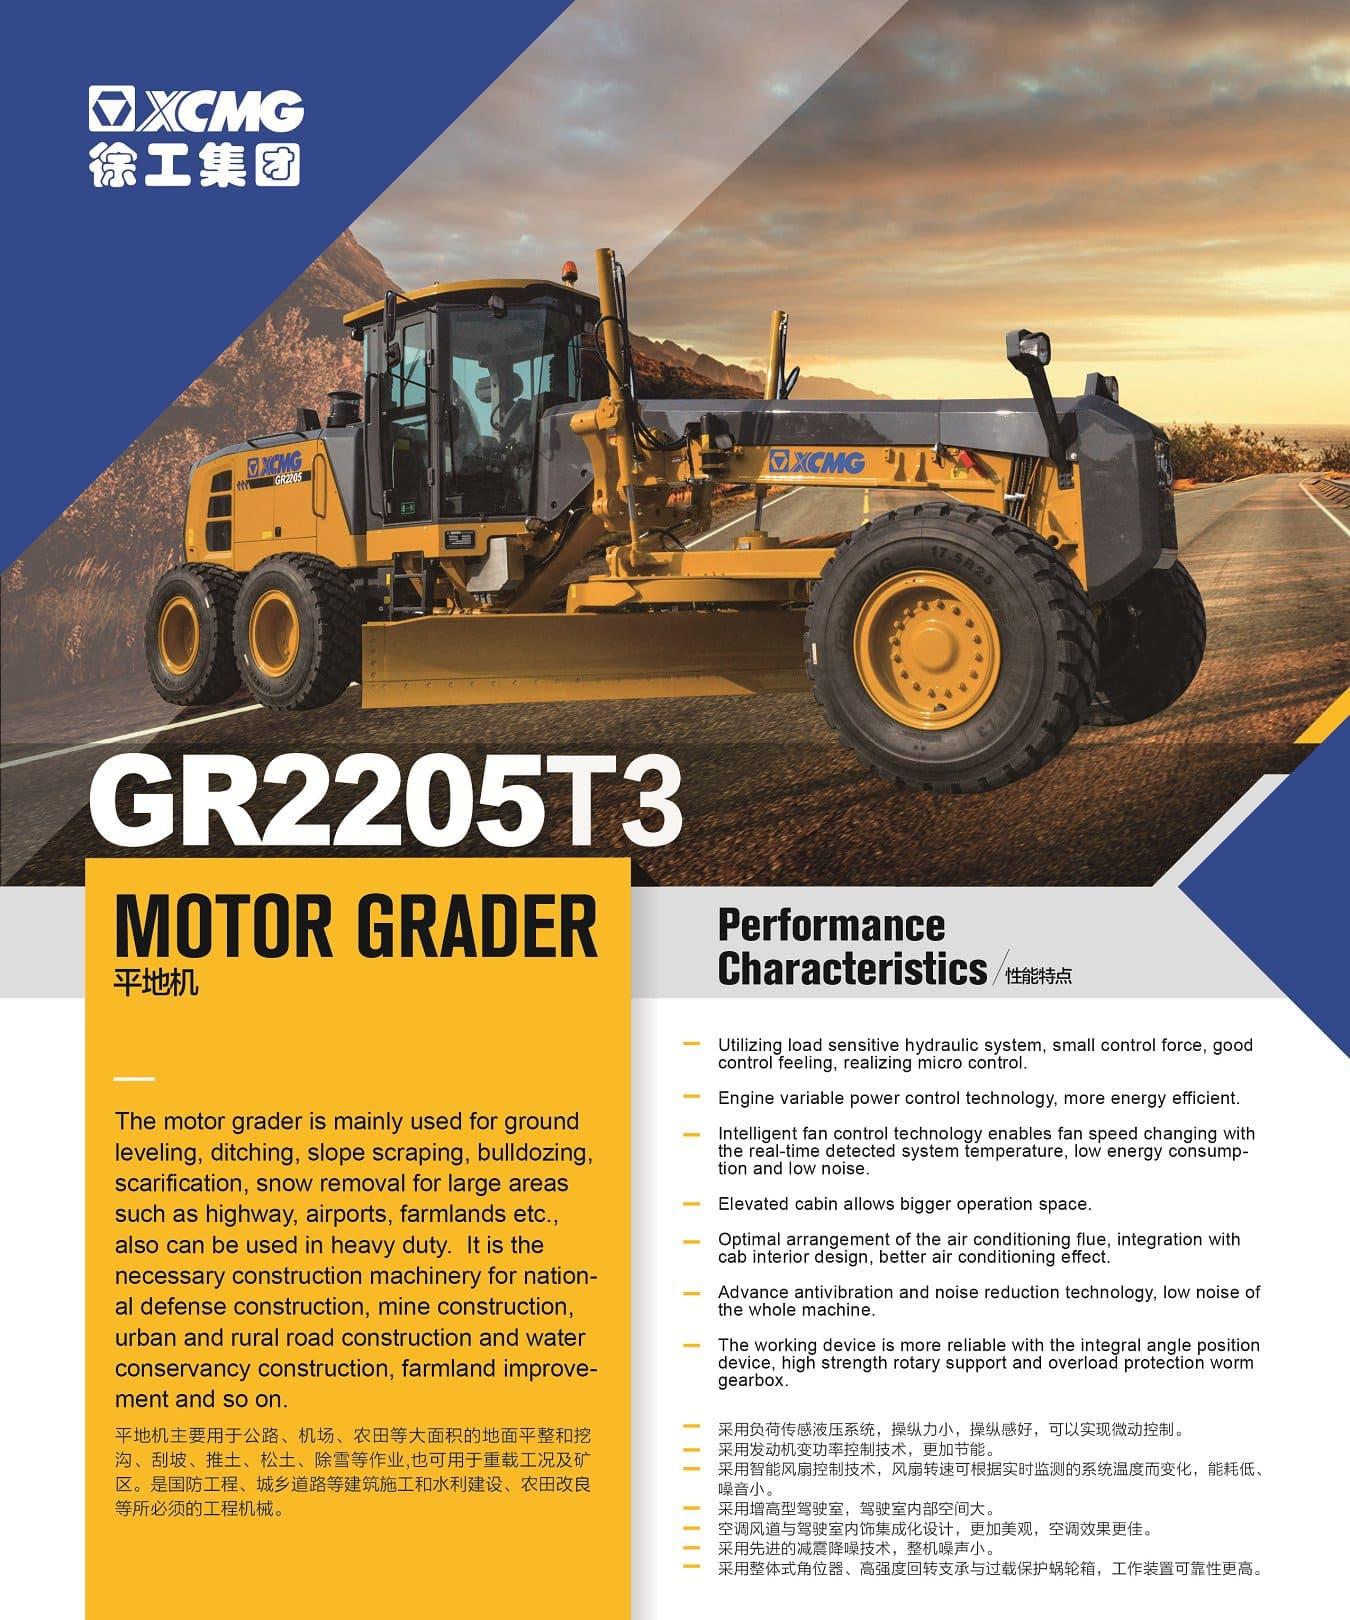 XCMG Official GR2205T3 Motor Grader for sale